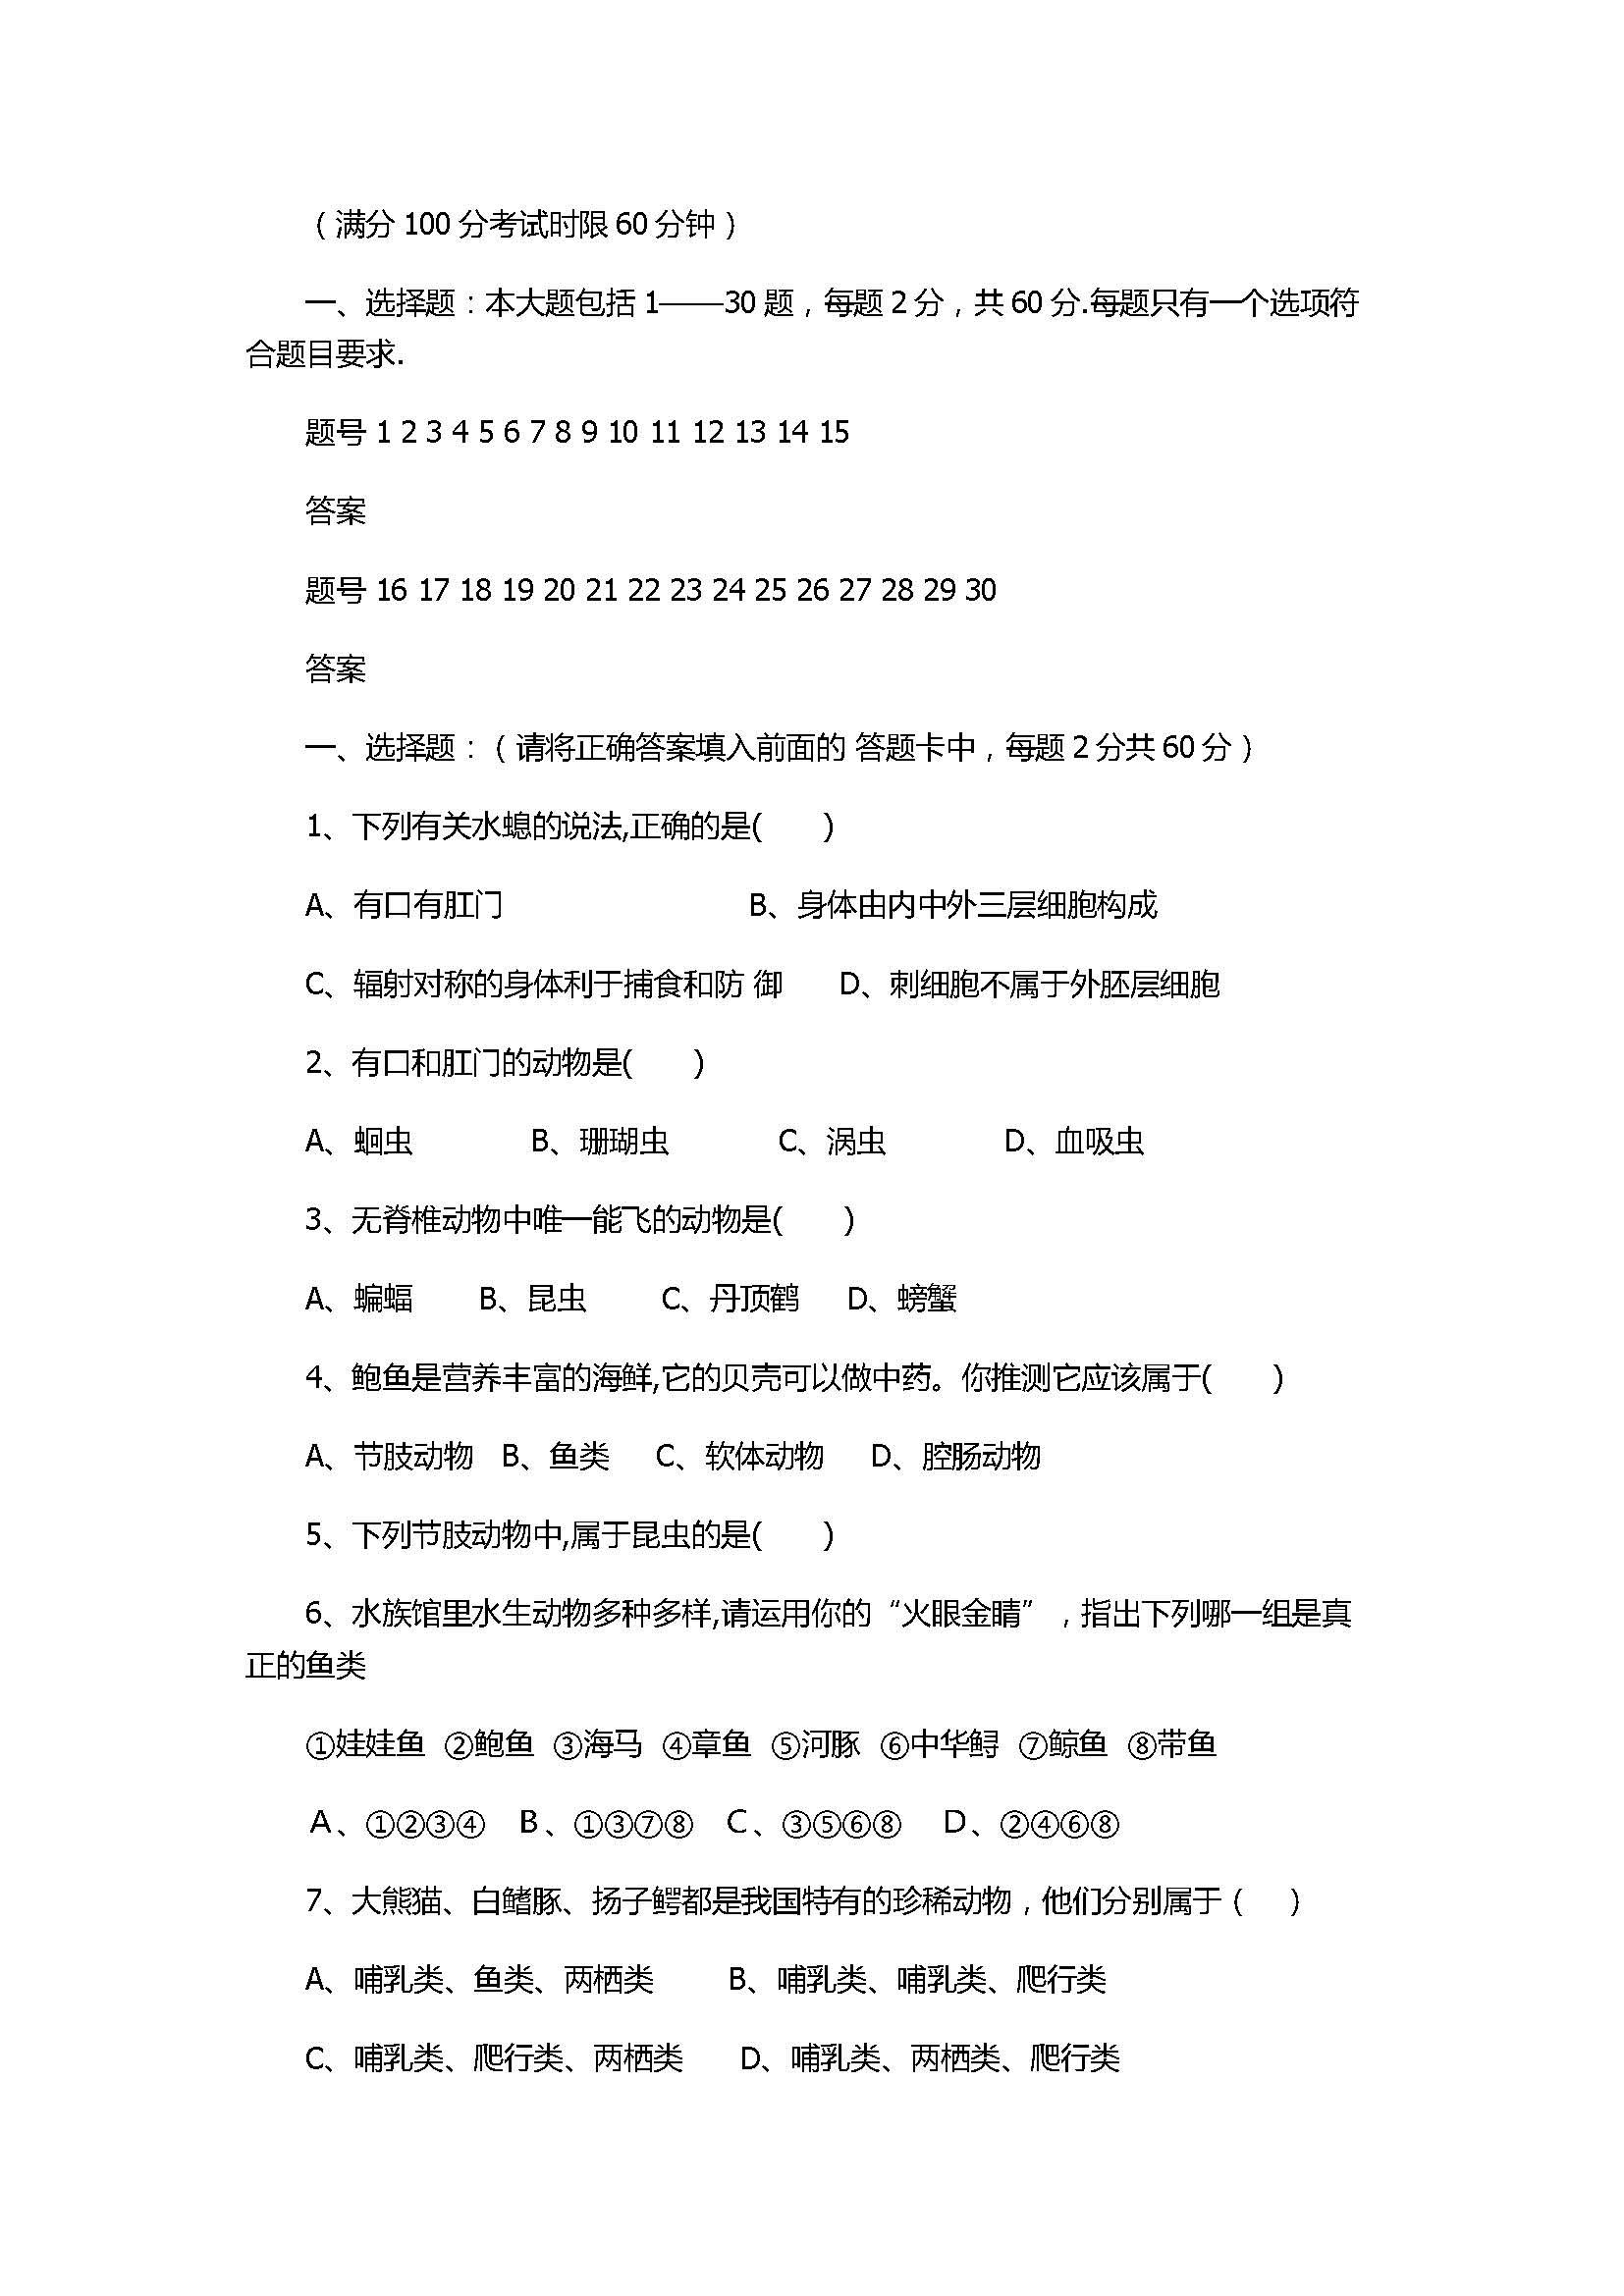 2017八年级生物上册月考考试题含答案(山东省莒县莒北八校)